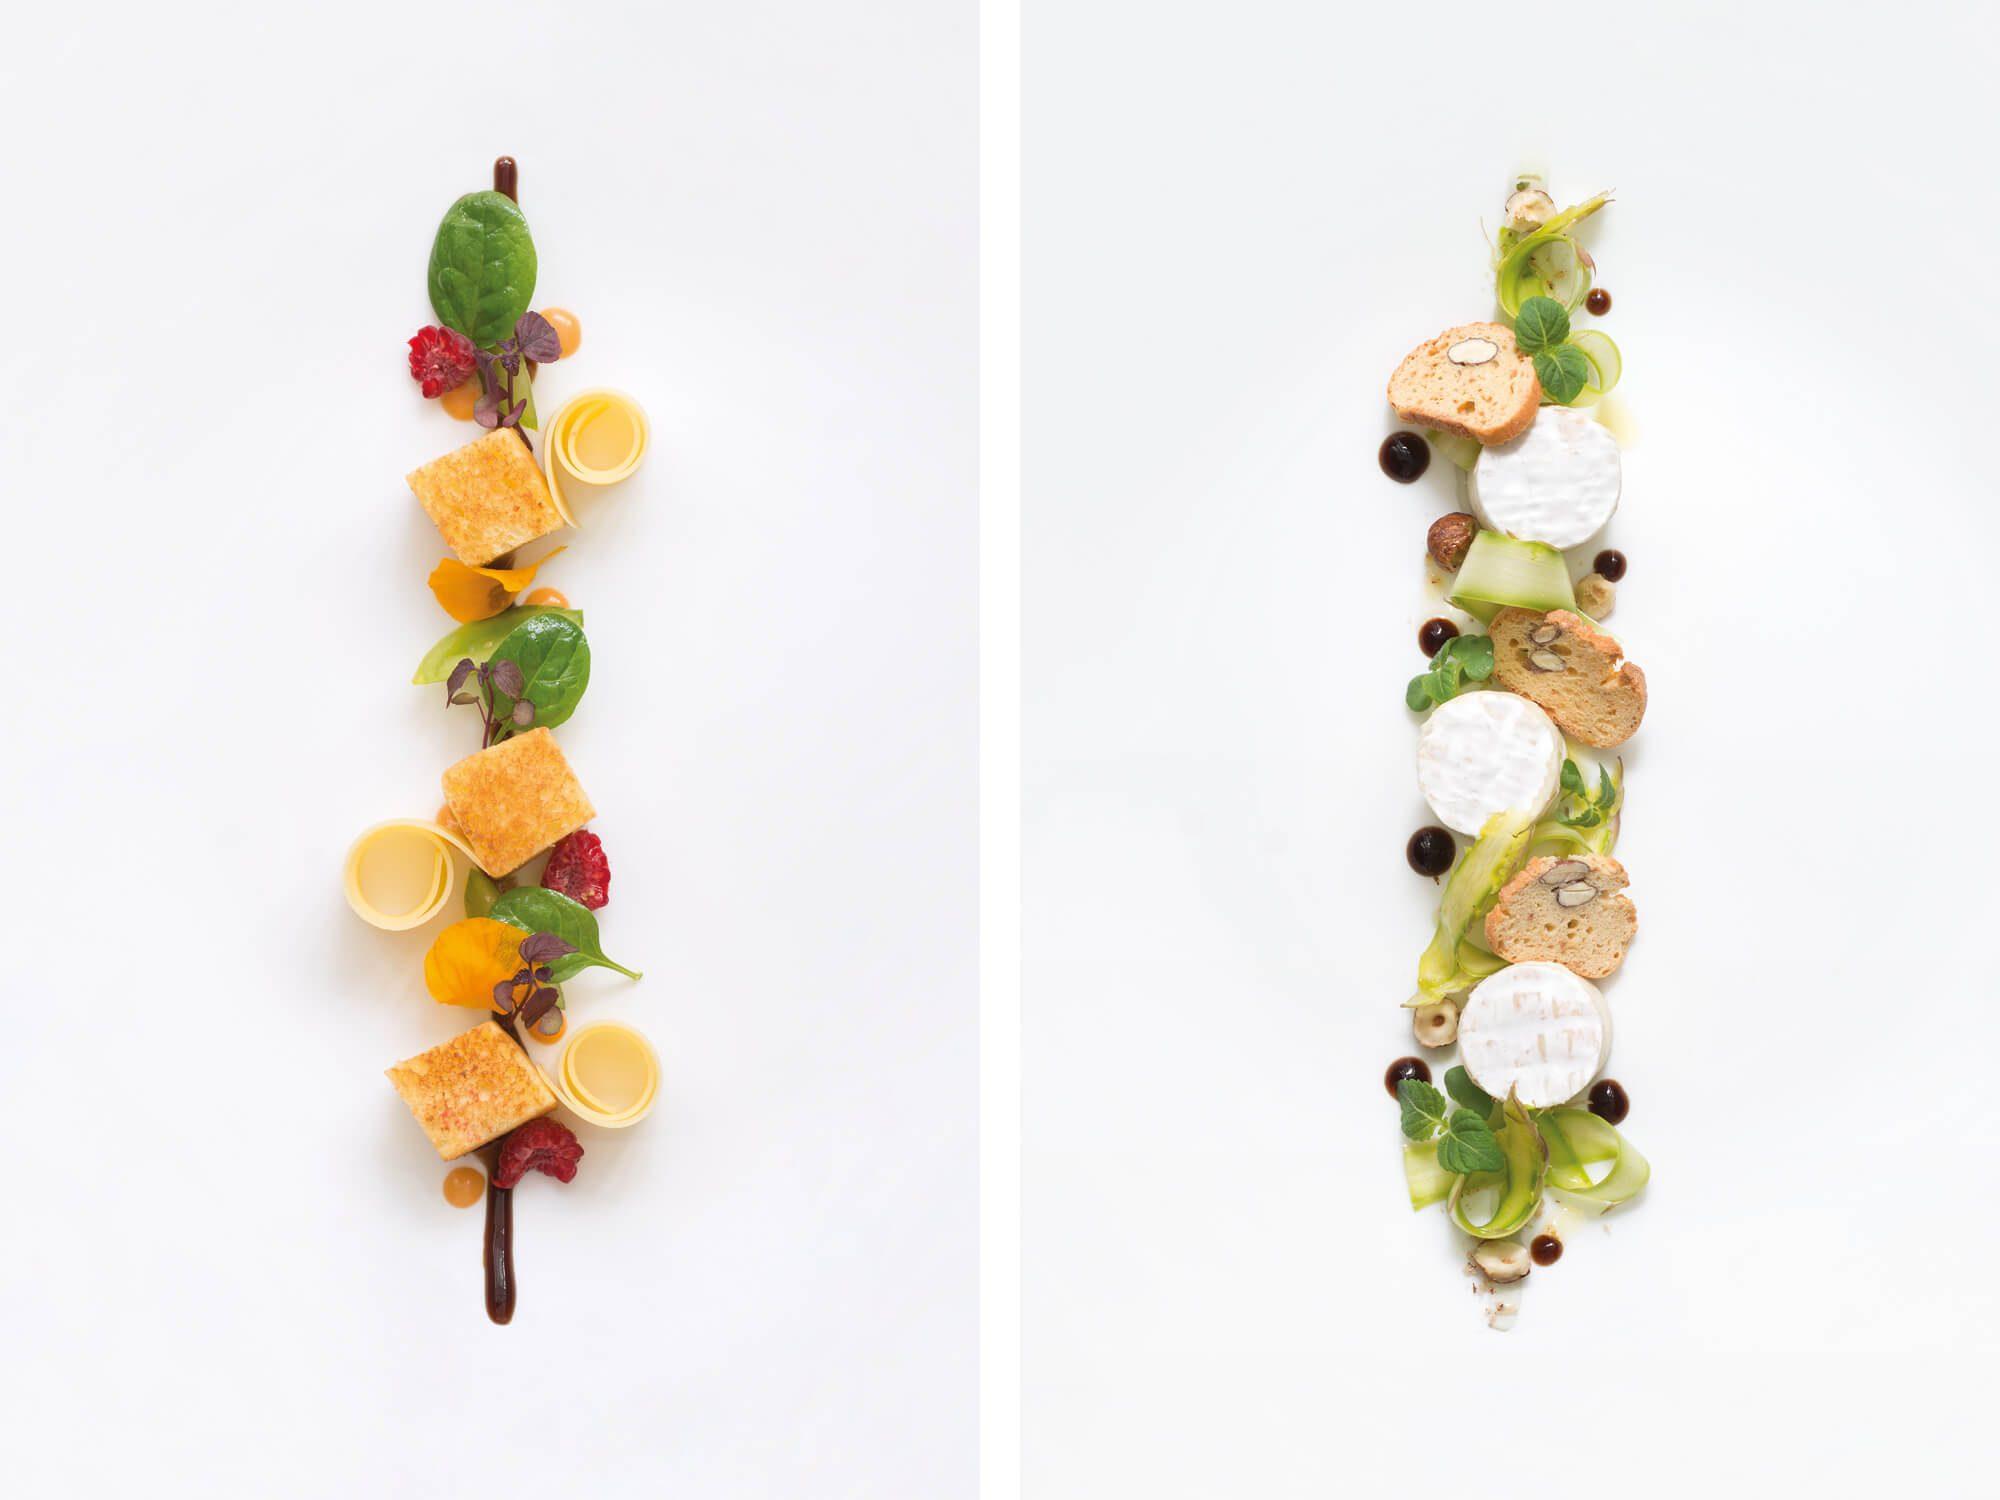 Helena Ichbiah assure la direction artistique des photographie de la serie Du fromage Pour distraire le repas, recette de Valentin Neraudeau